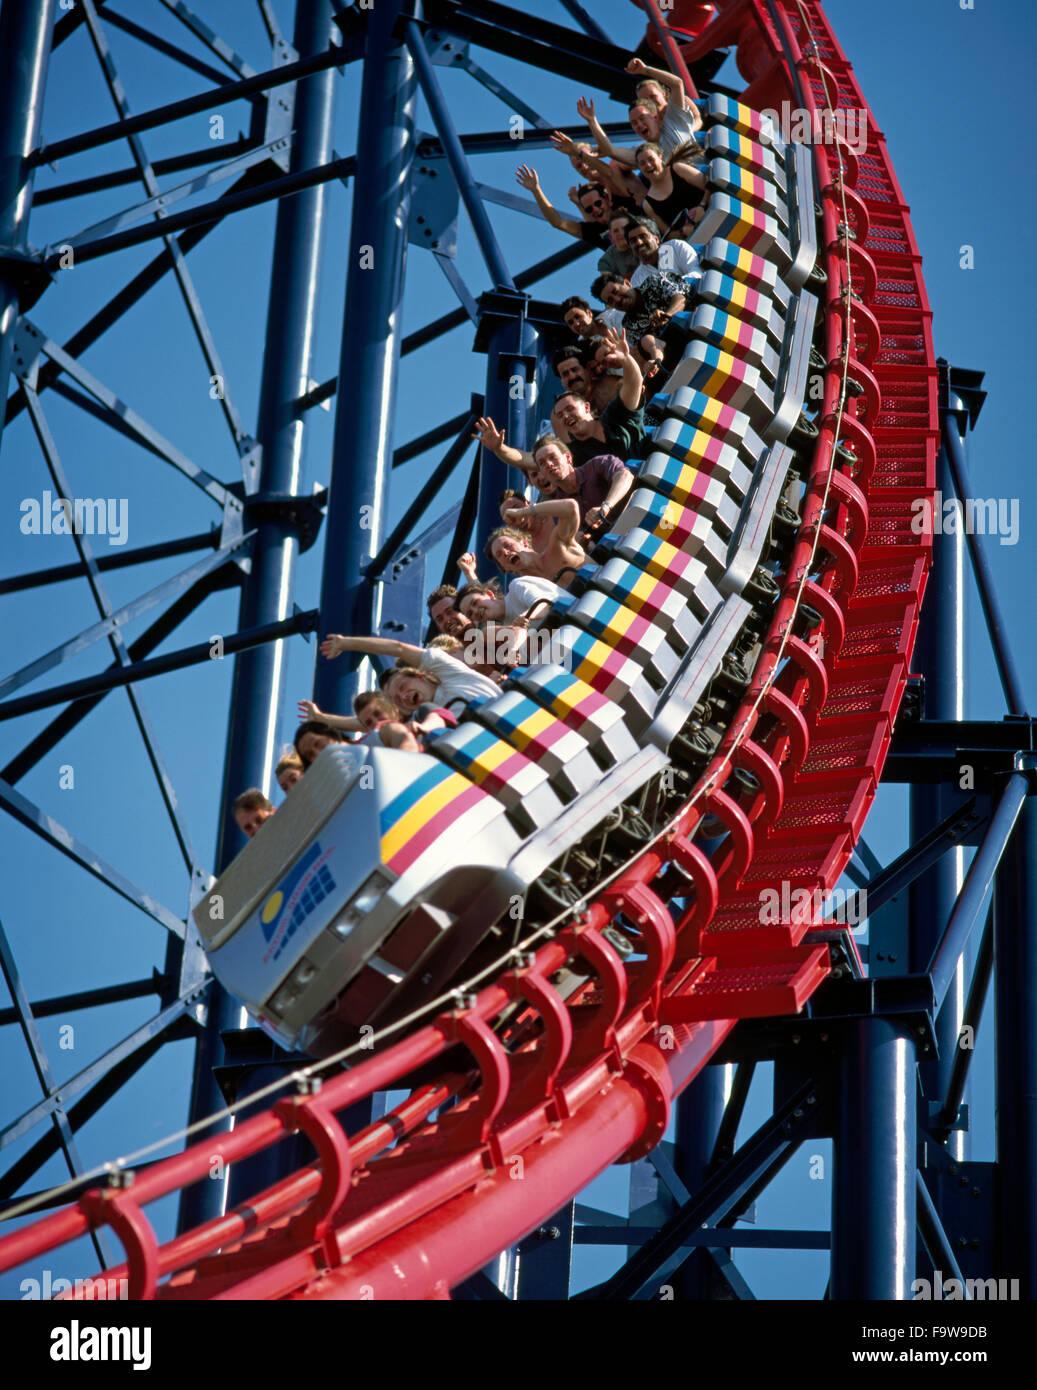 """Die """"Big One"""" Amusement ride bei Blackpool Pleasure Beach, Blackpool, Lancashire England UK Stockbild"""